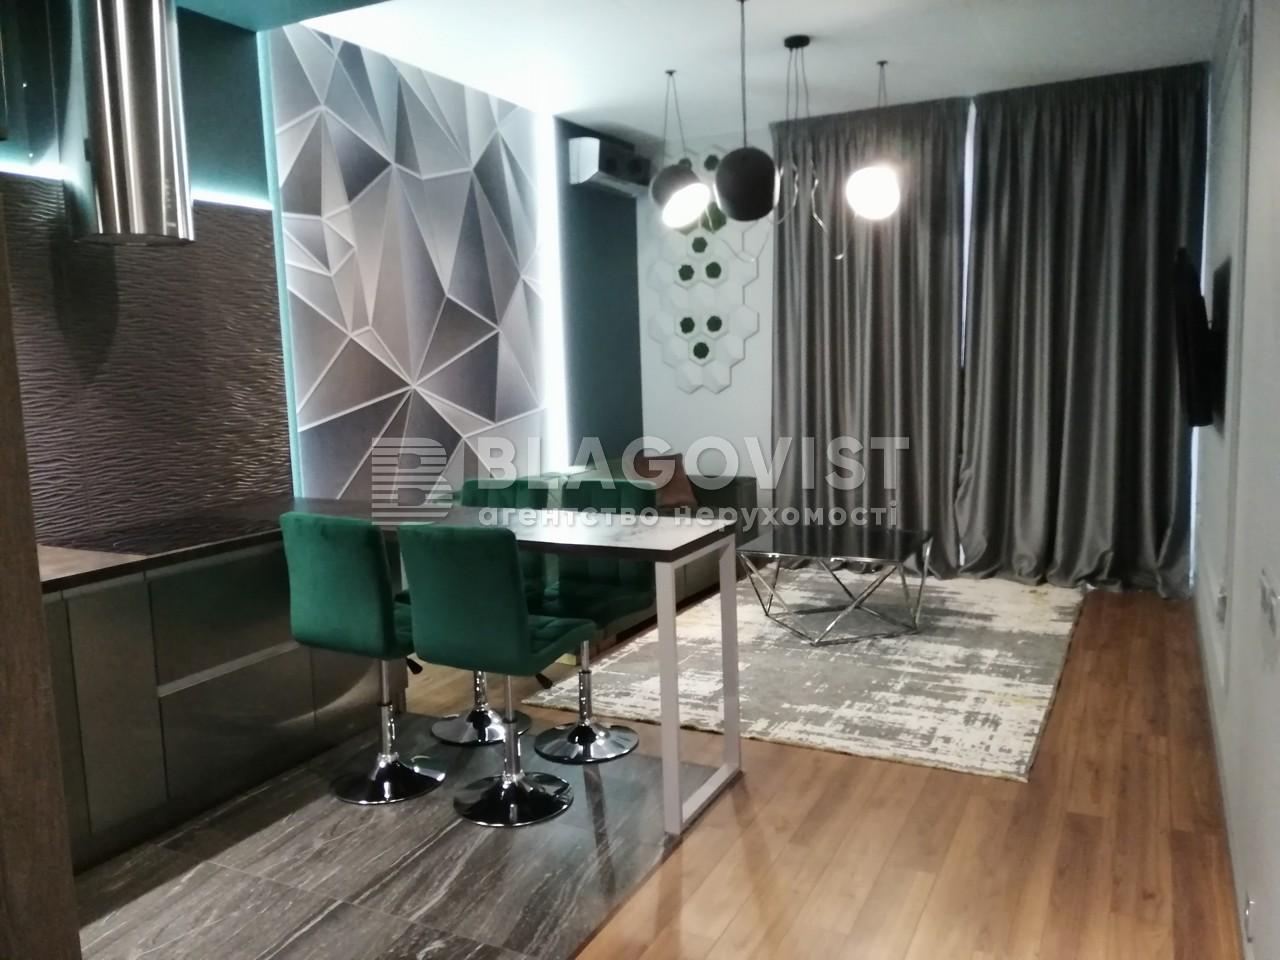 Квартира A-111016, Предславинська, 57, Київ - Фото 1